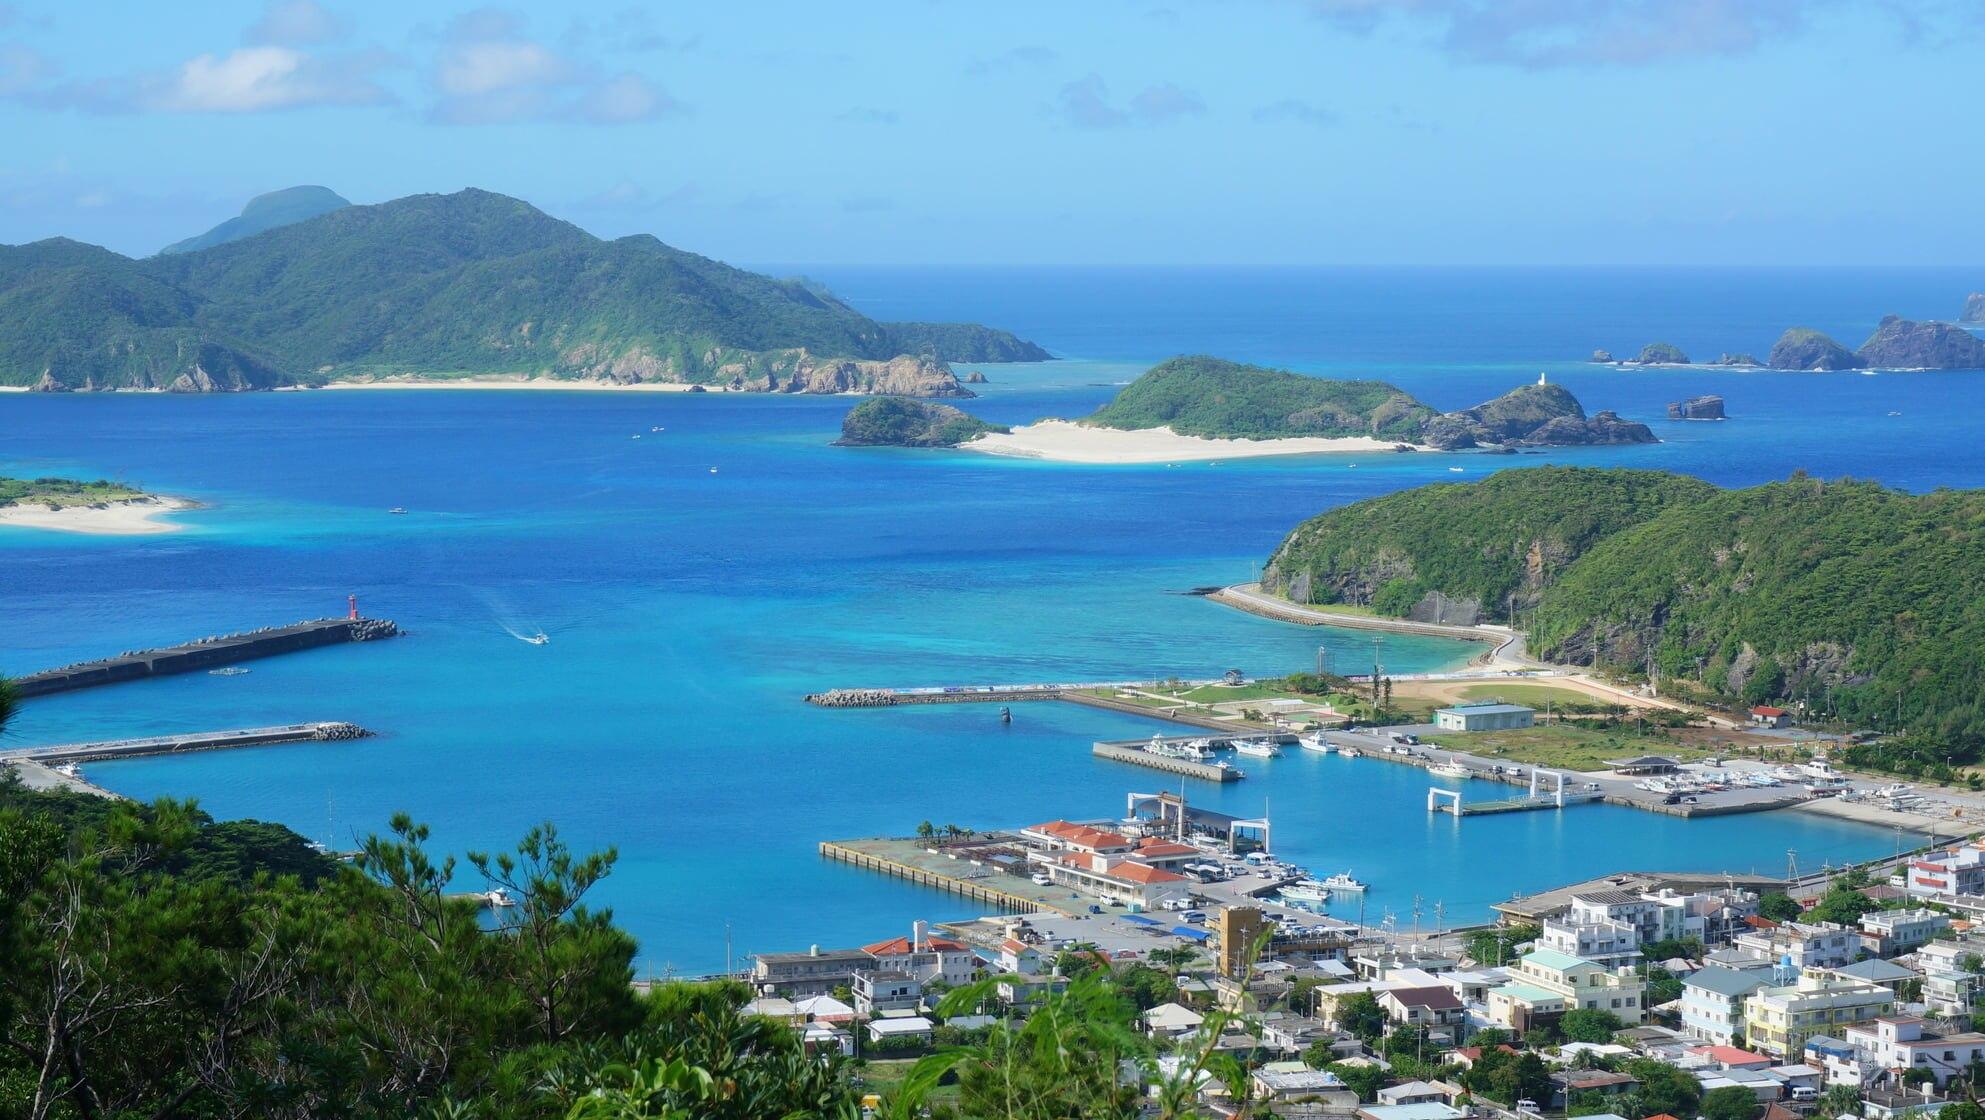 沖縄県座間味島周辺のおすすめホテル|ケラマブルーの海を堪能できる島